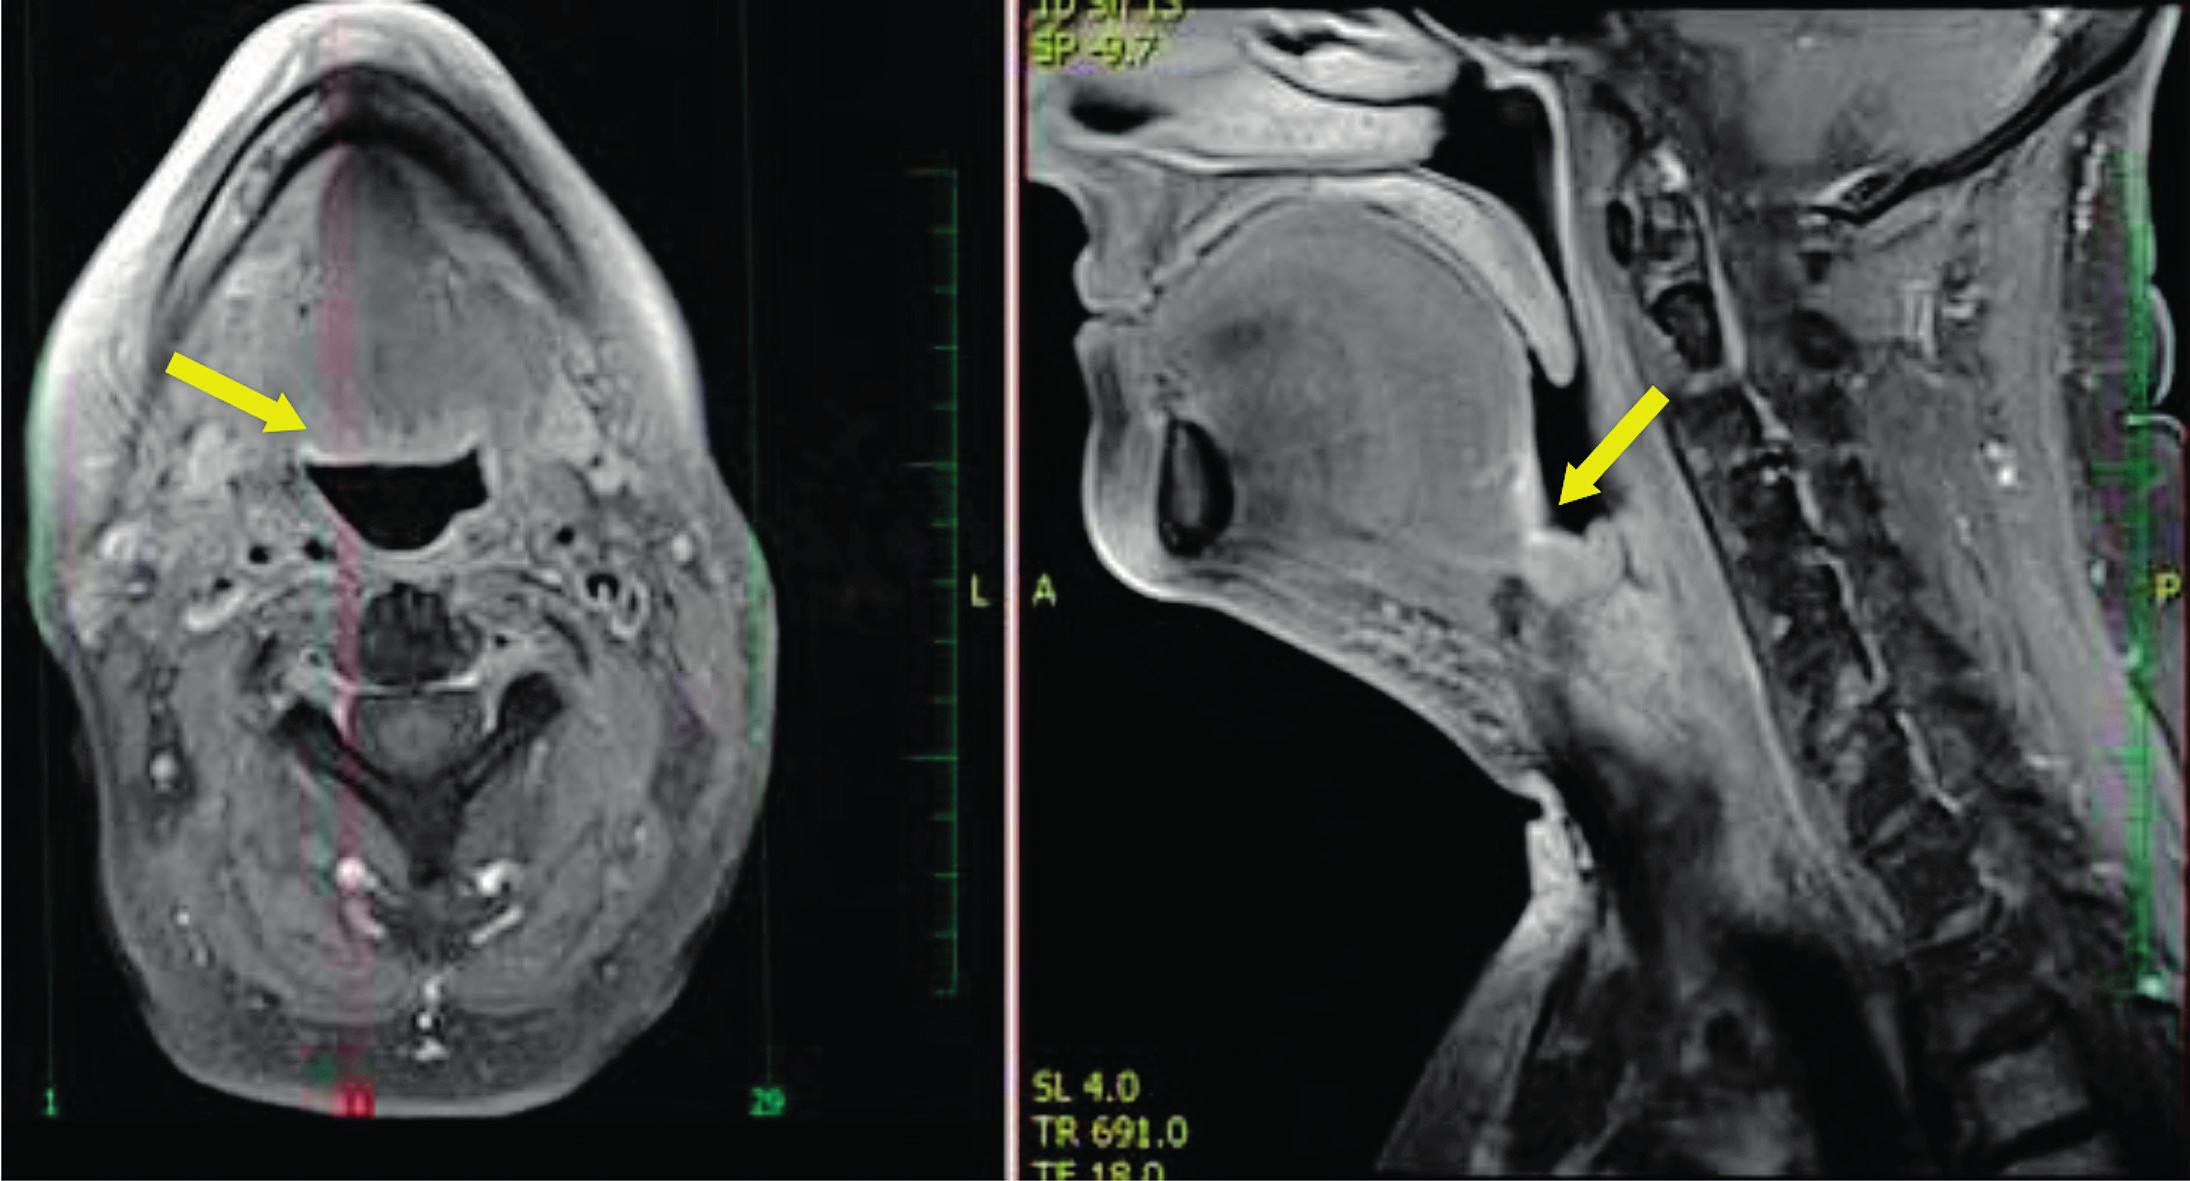 Oba snímky MR T1 s potlačením signálu tuku postkontrastně - šipka ukazuje na oblast lůžka po rozšířené tonzilektomii 1 rok po zákroku TORS.